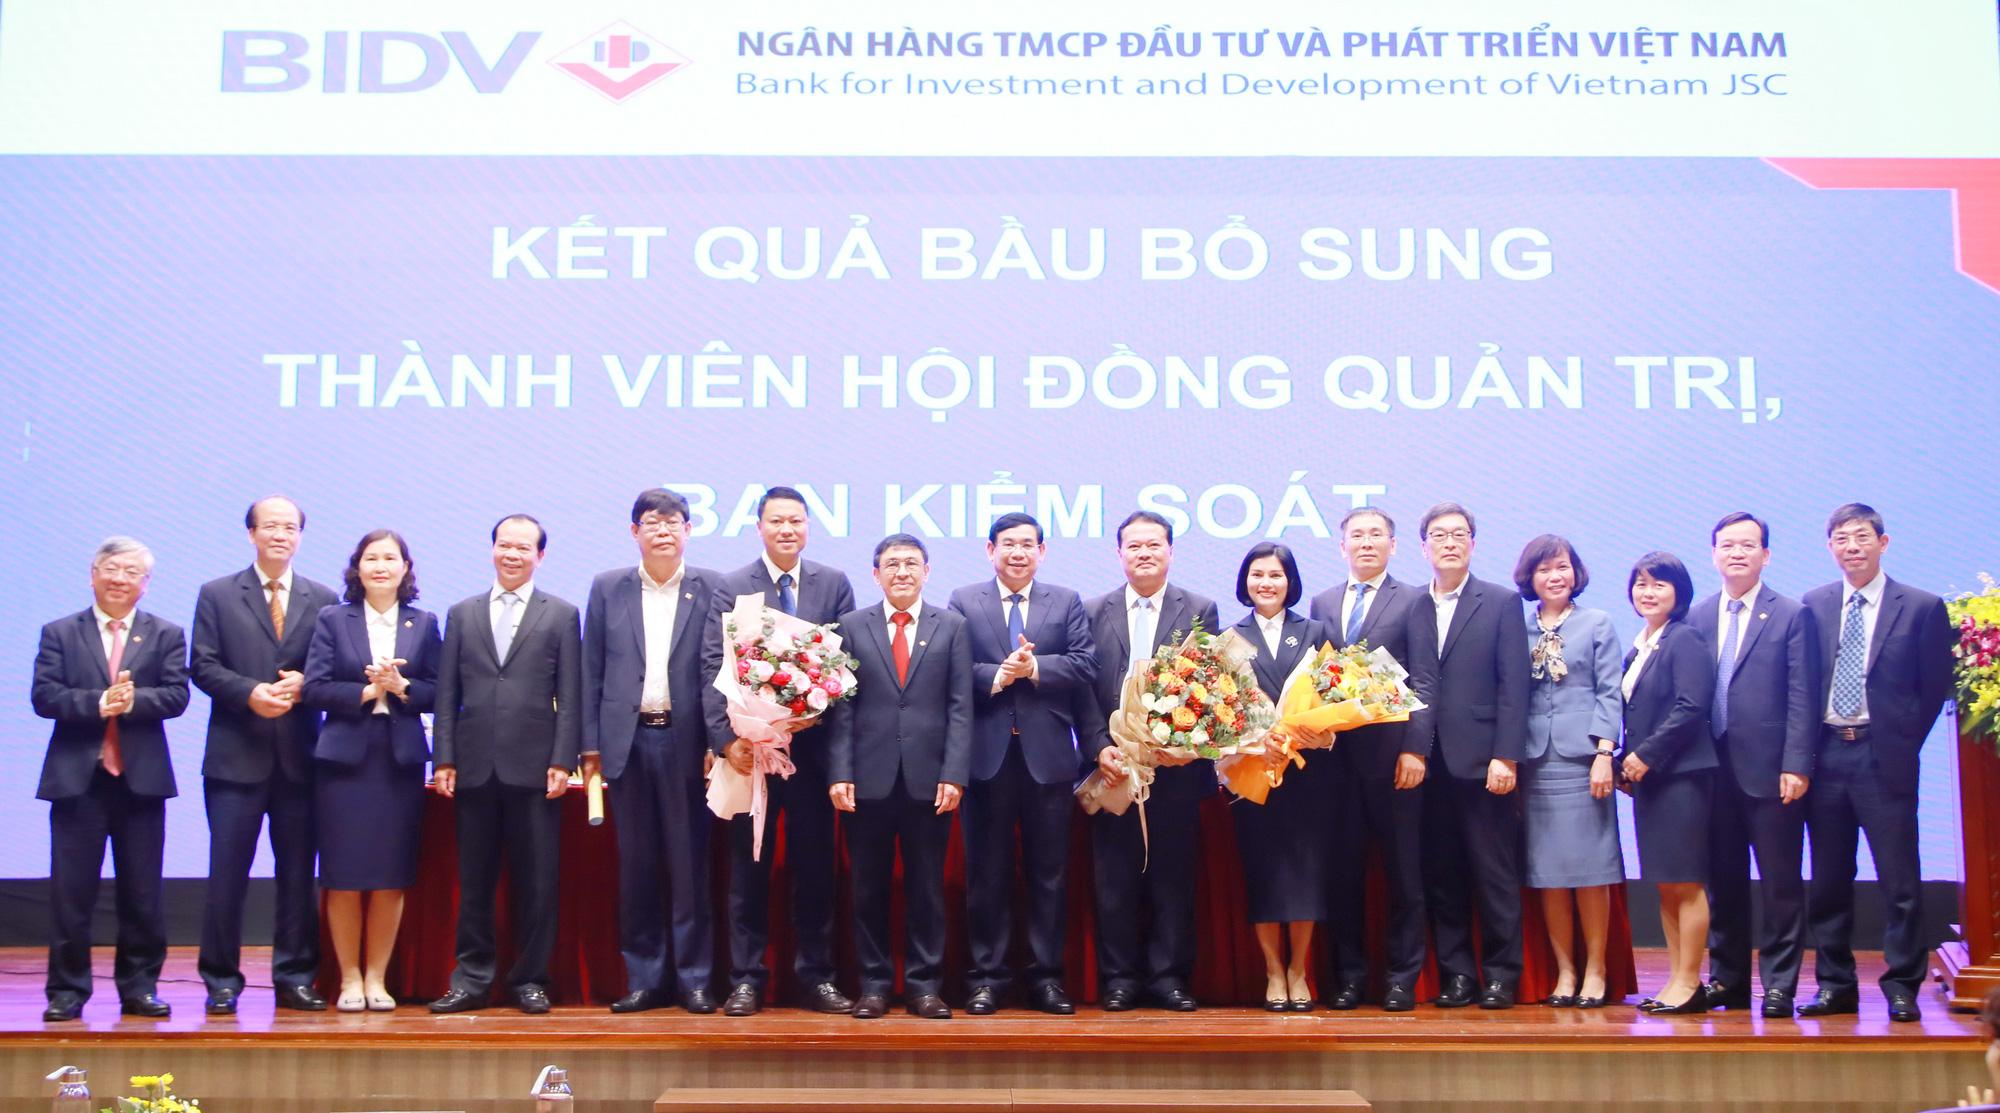 BIDV tổ chức Đại hội đồng cổ đông thường niên năm 2021 - Ảnh 1.